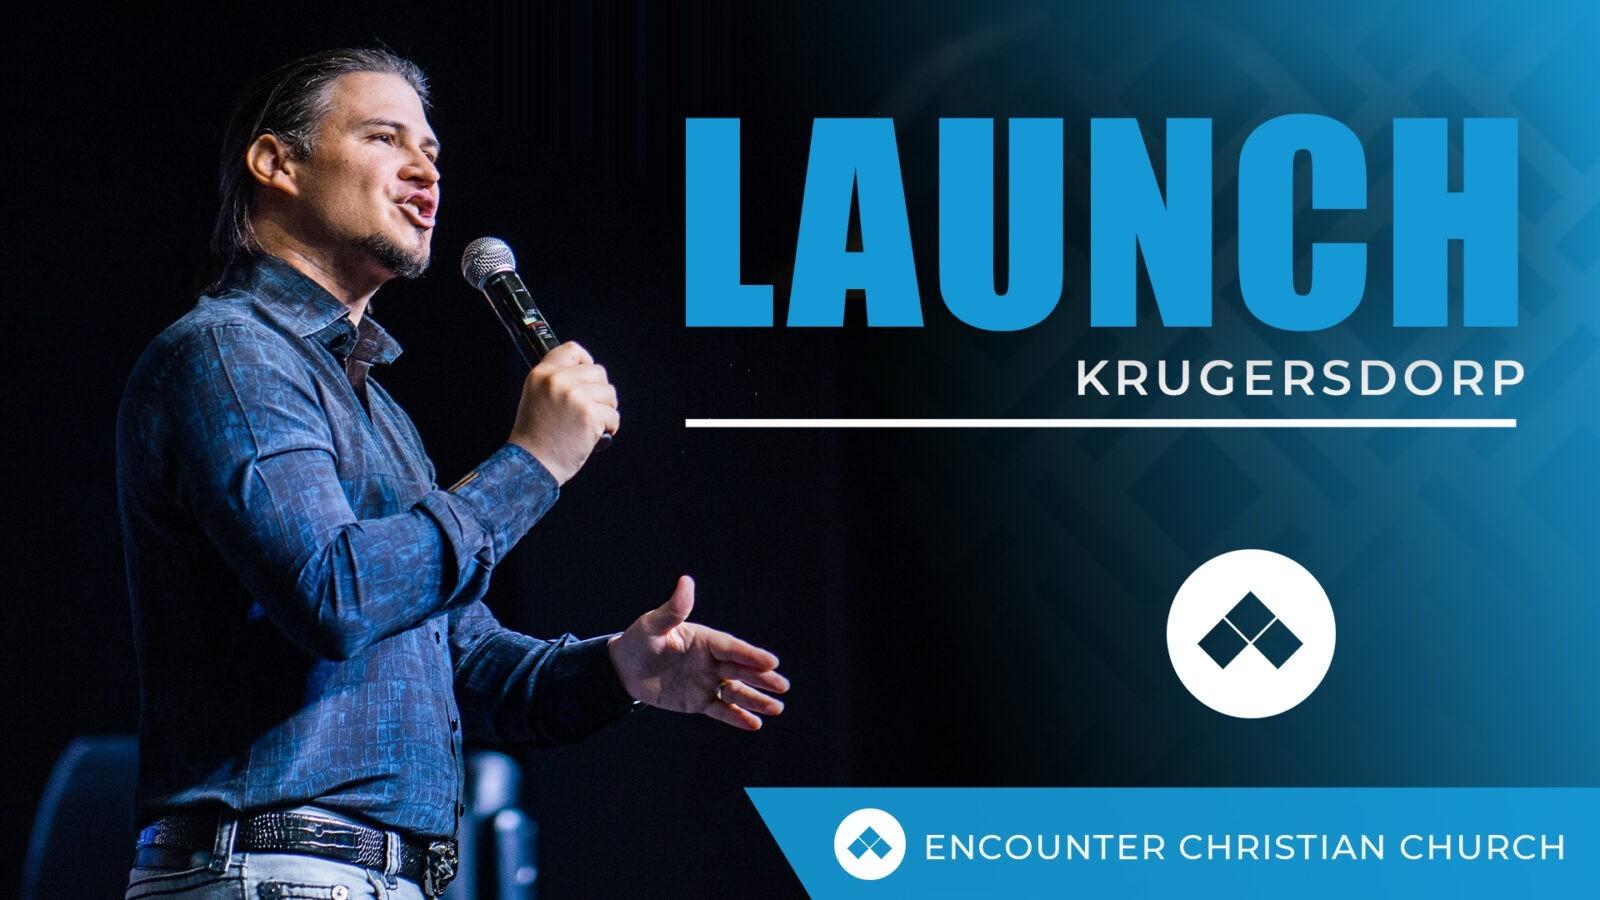 Krugersdorp Launch